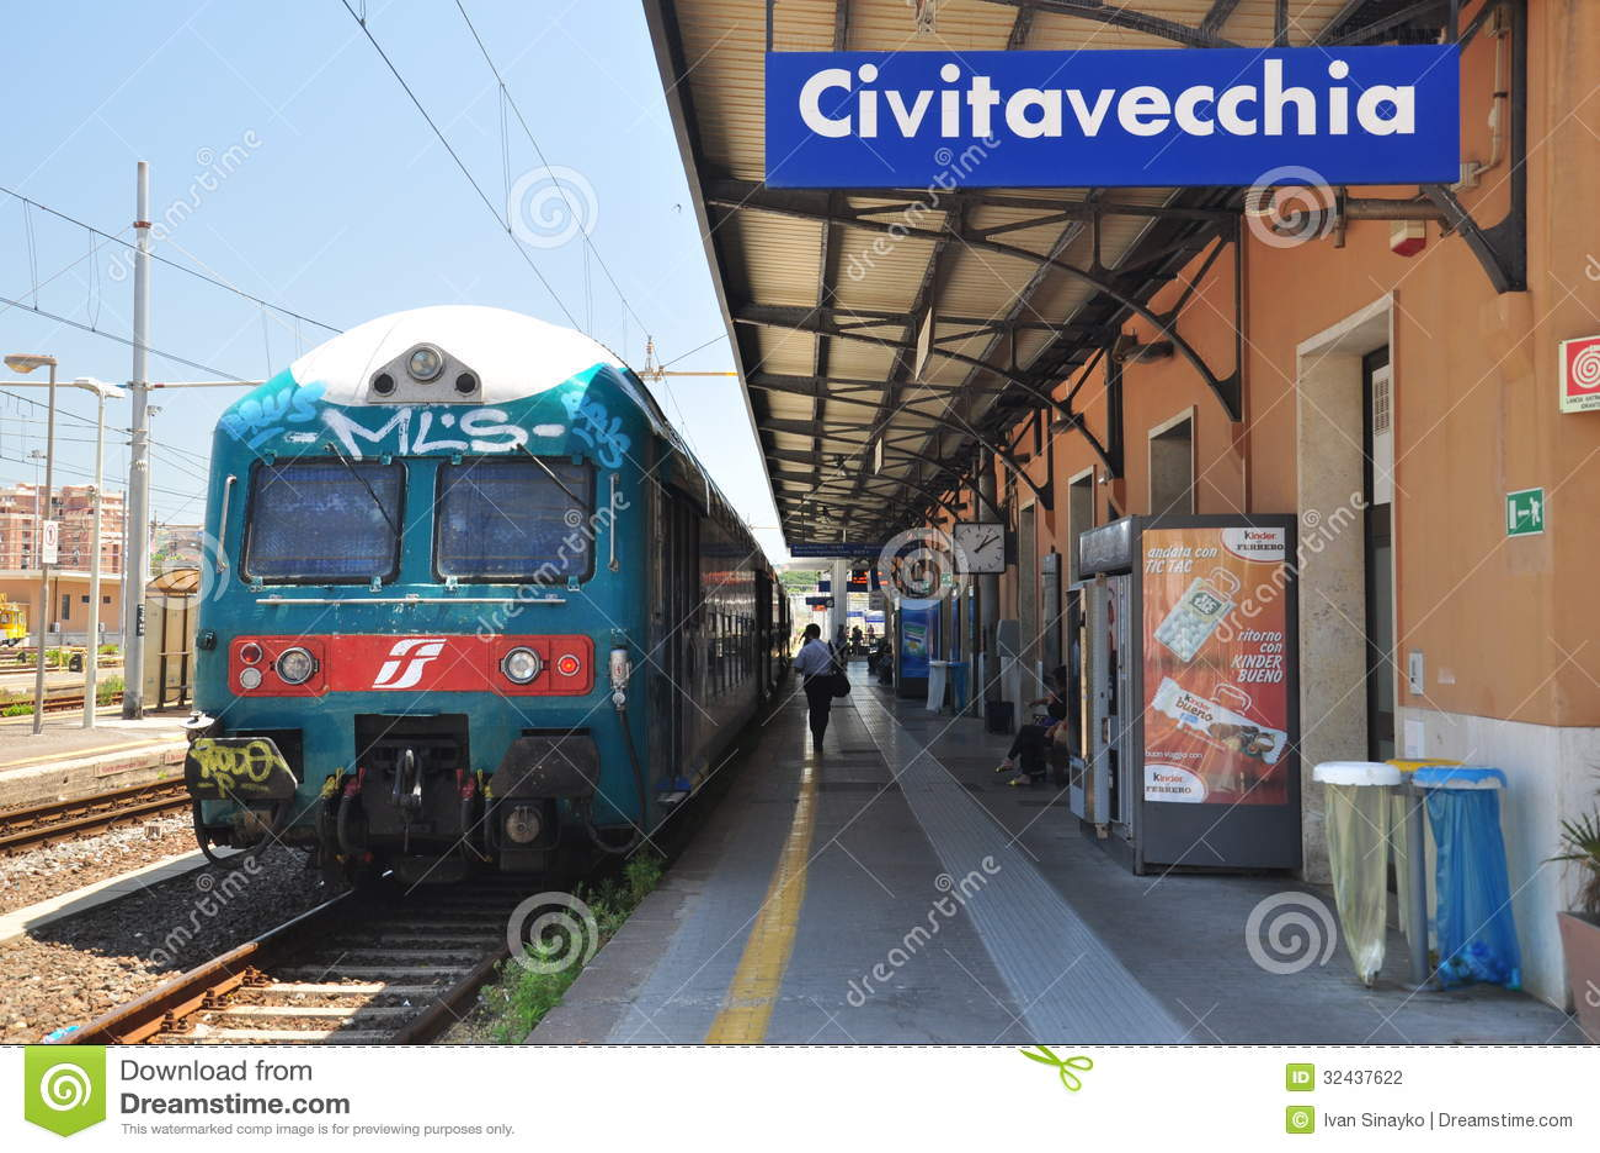 Civitavecchia train staition editorial photography image - Train from rome to port of civitavecchia ...